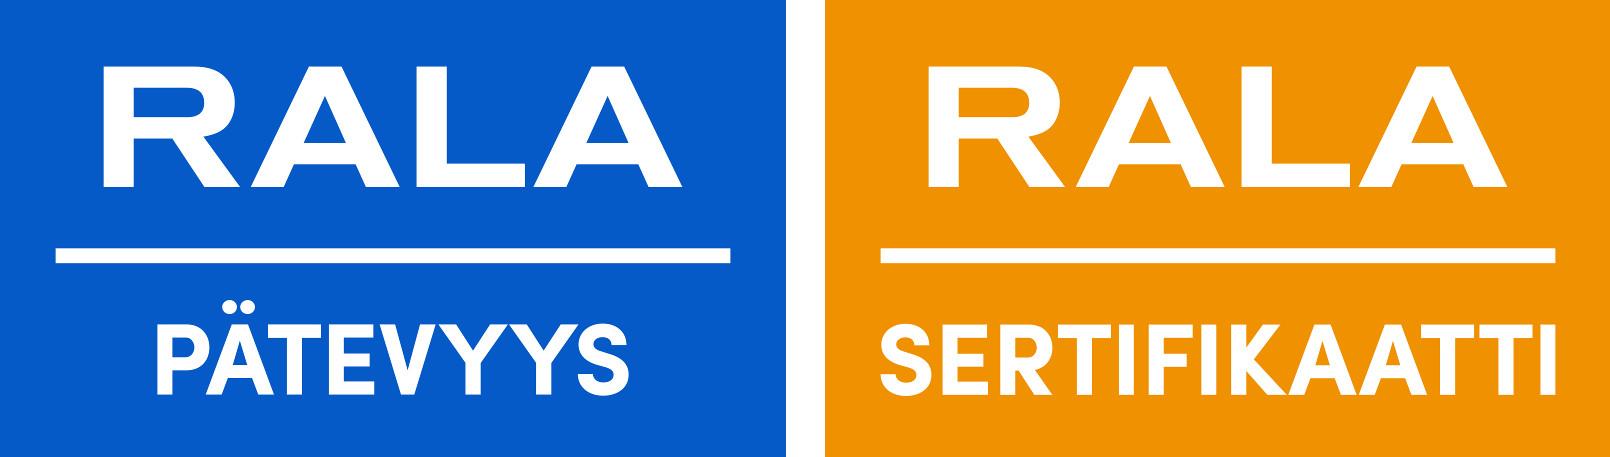 RALA-sertifikaatti ja -pätevyys